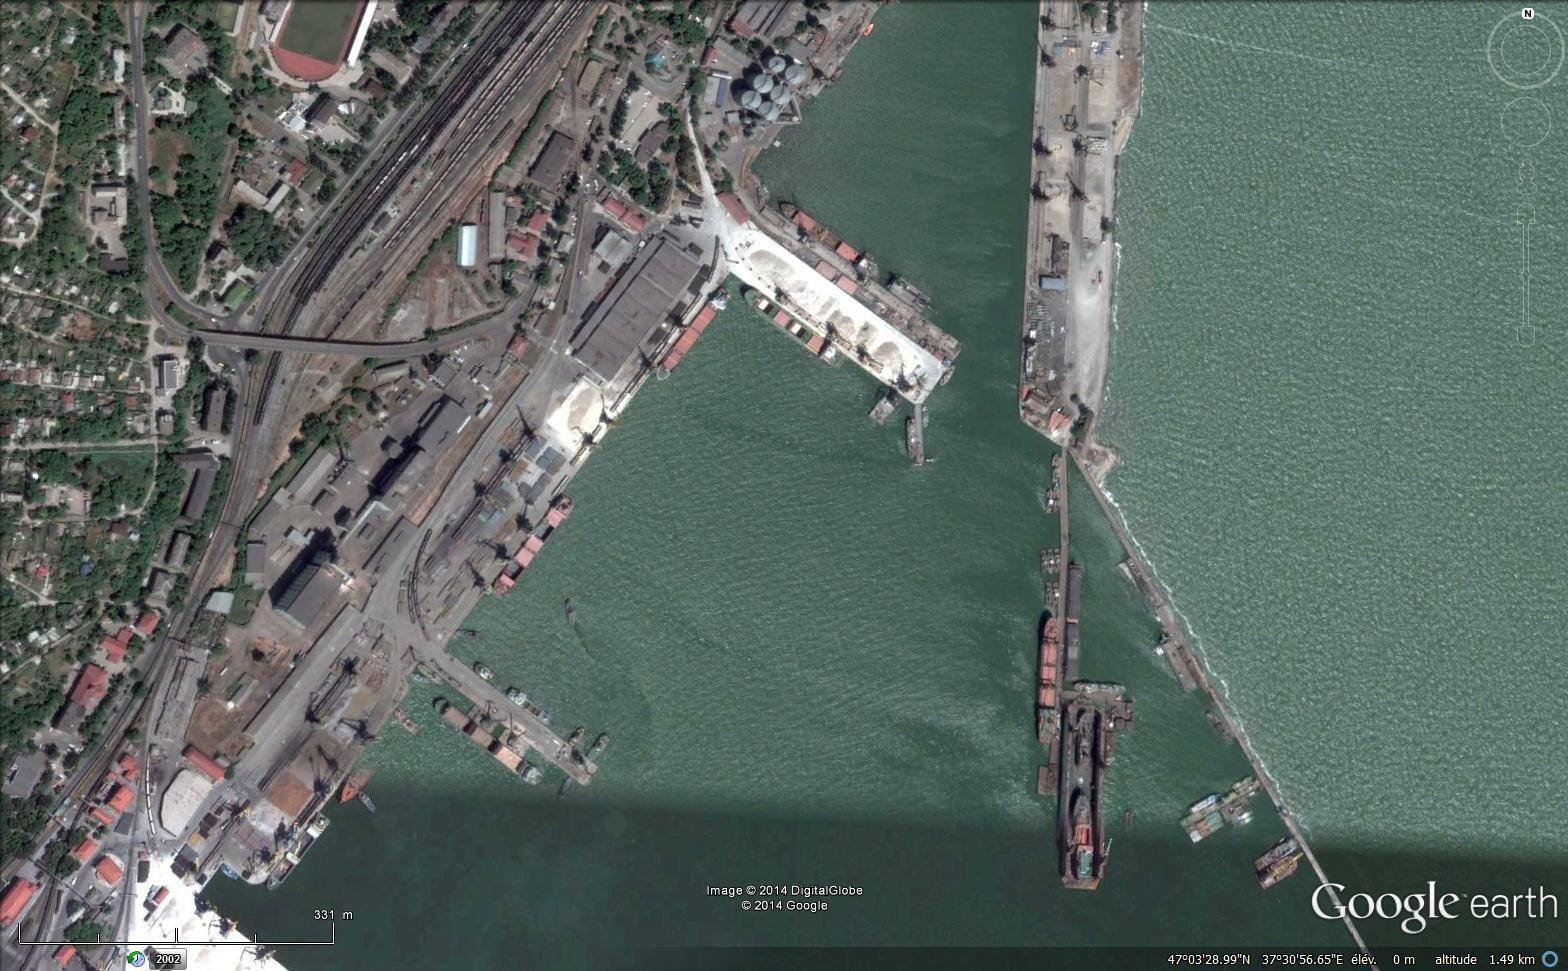 Images satellitaires via Google earth : 1. Le centre, 2. Le complexe sidérurgique, 3. Le port.